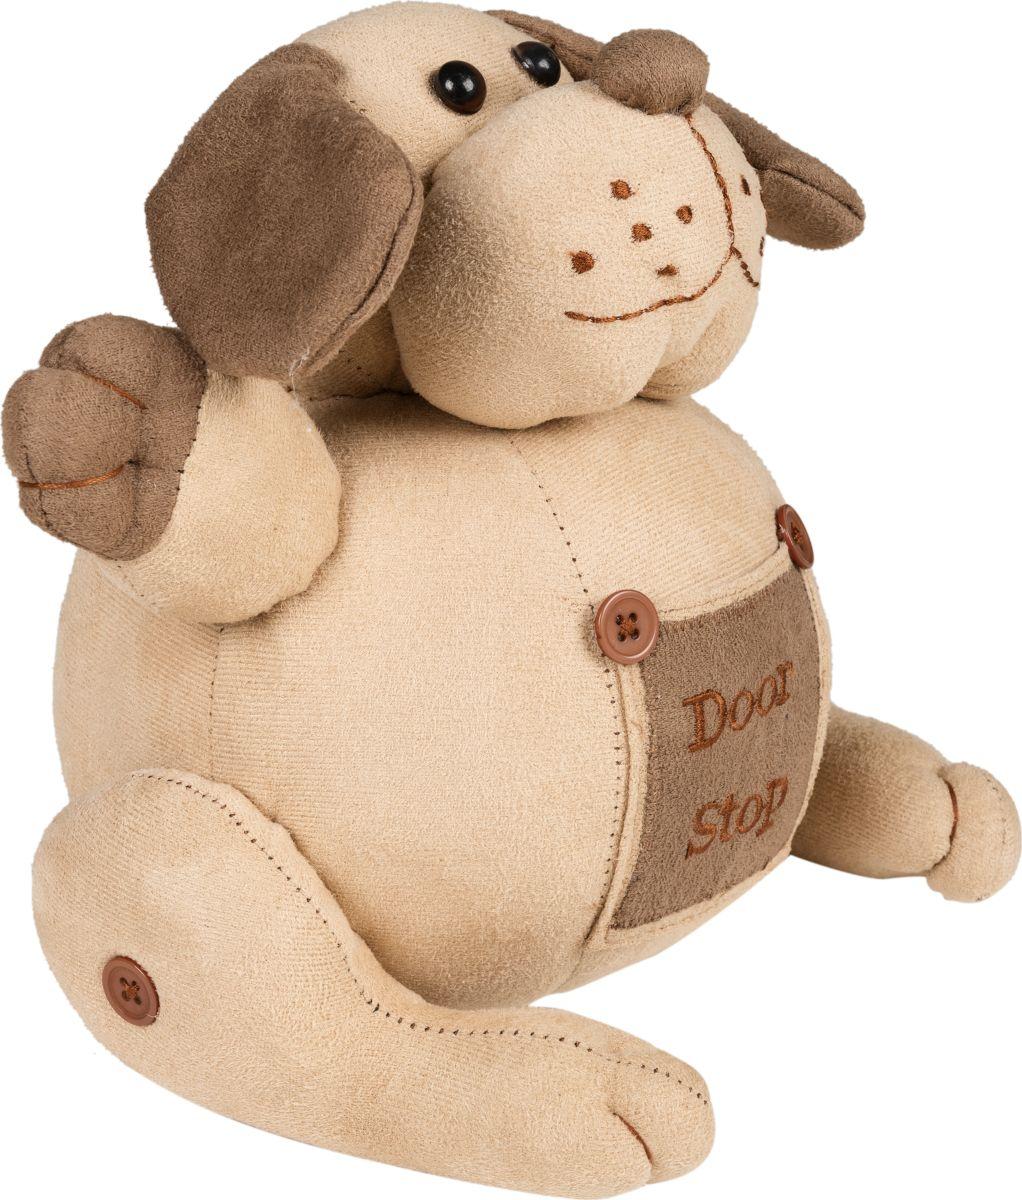 Фигурка-стоппер интерьерная Estro Песик. Т16338Т16338Интерьерная игрушка ESTRO ручной работы - это тепло, подаренное мастером. Песик интерьерный, стоппер